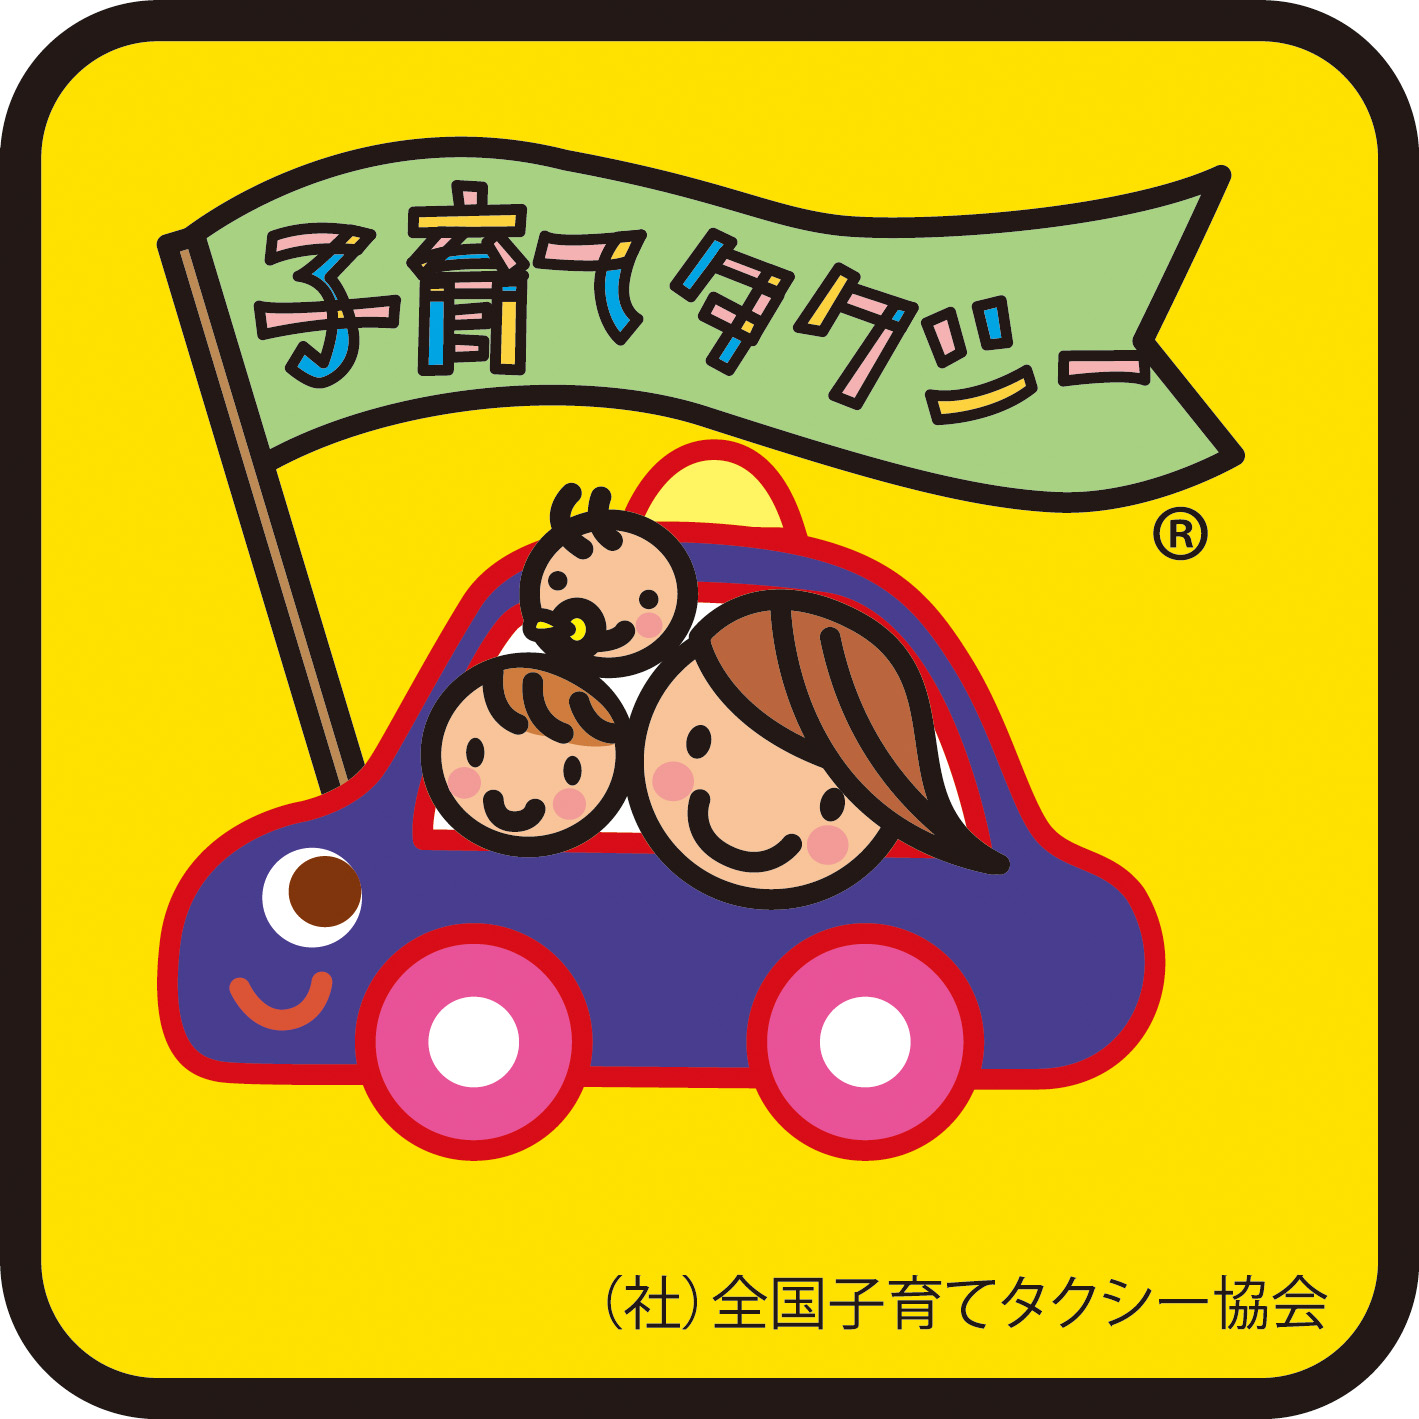 子育てタクシーロゴ Rマーク付outline